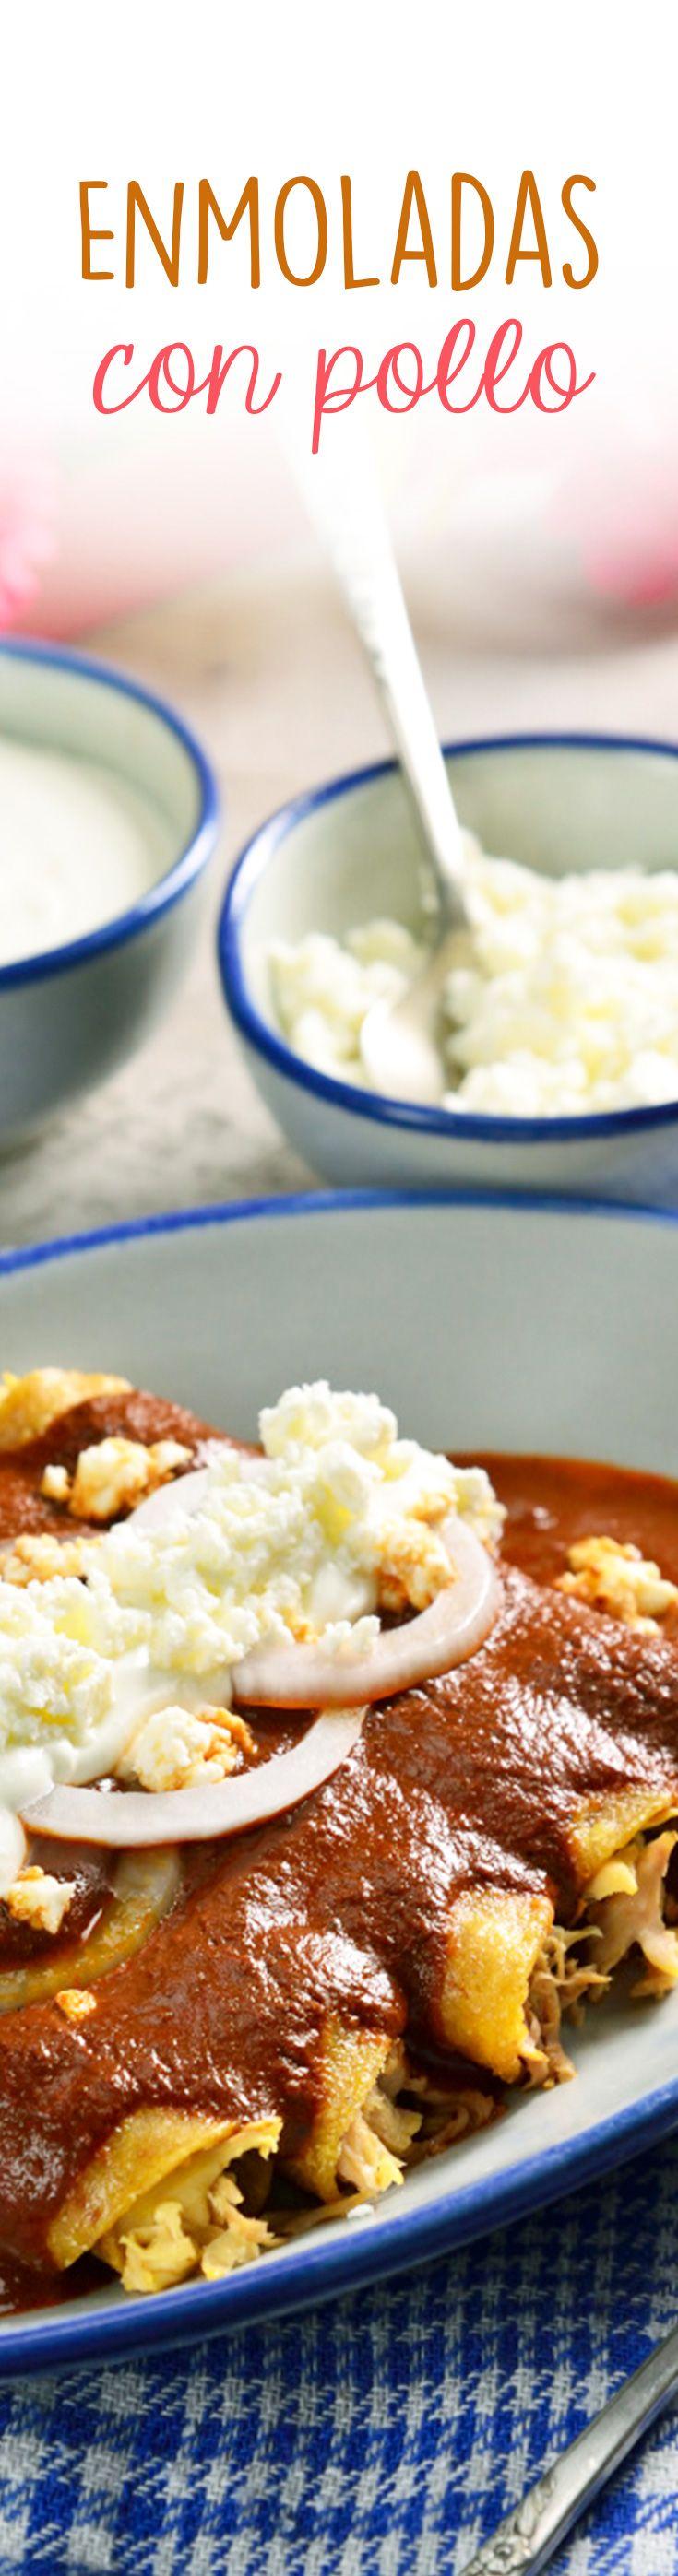 En estas fiestas patrias prepara estas deliciosas enmoladas de pollo acompañadas de arroz a la mexicana y coronadas con crema y queso. Una opción fácil y rica para consentir a tu familia.